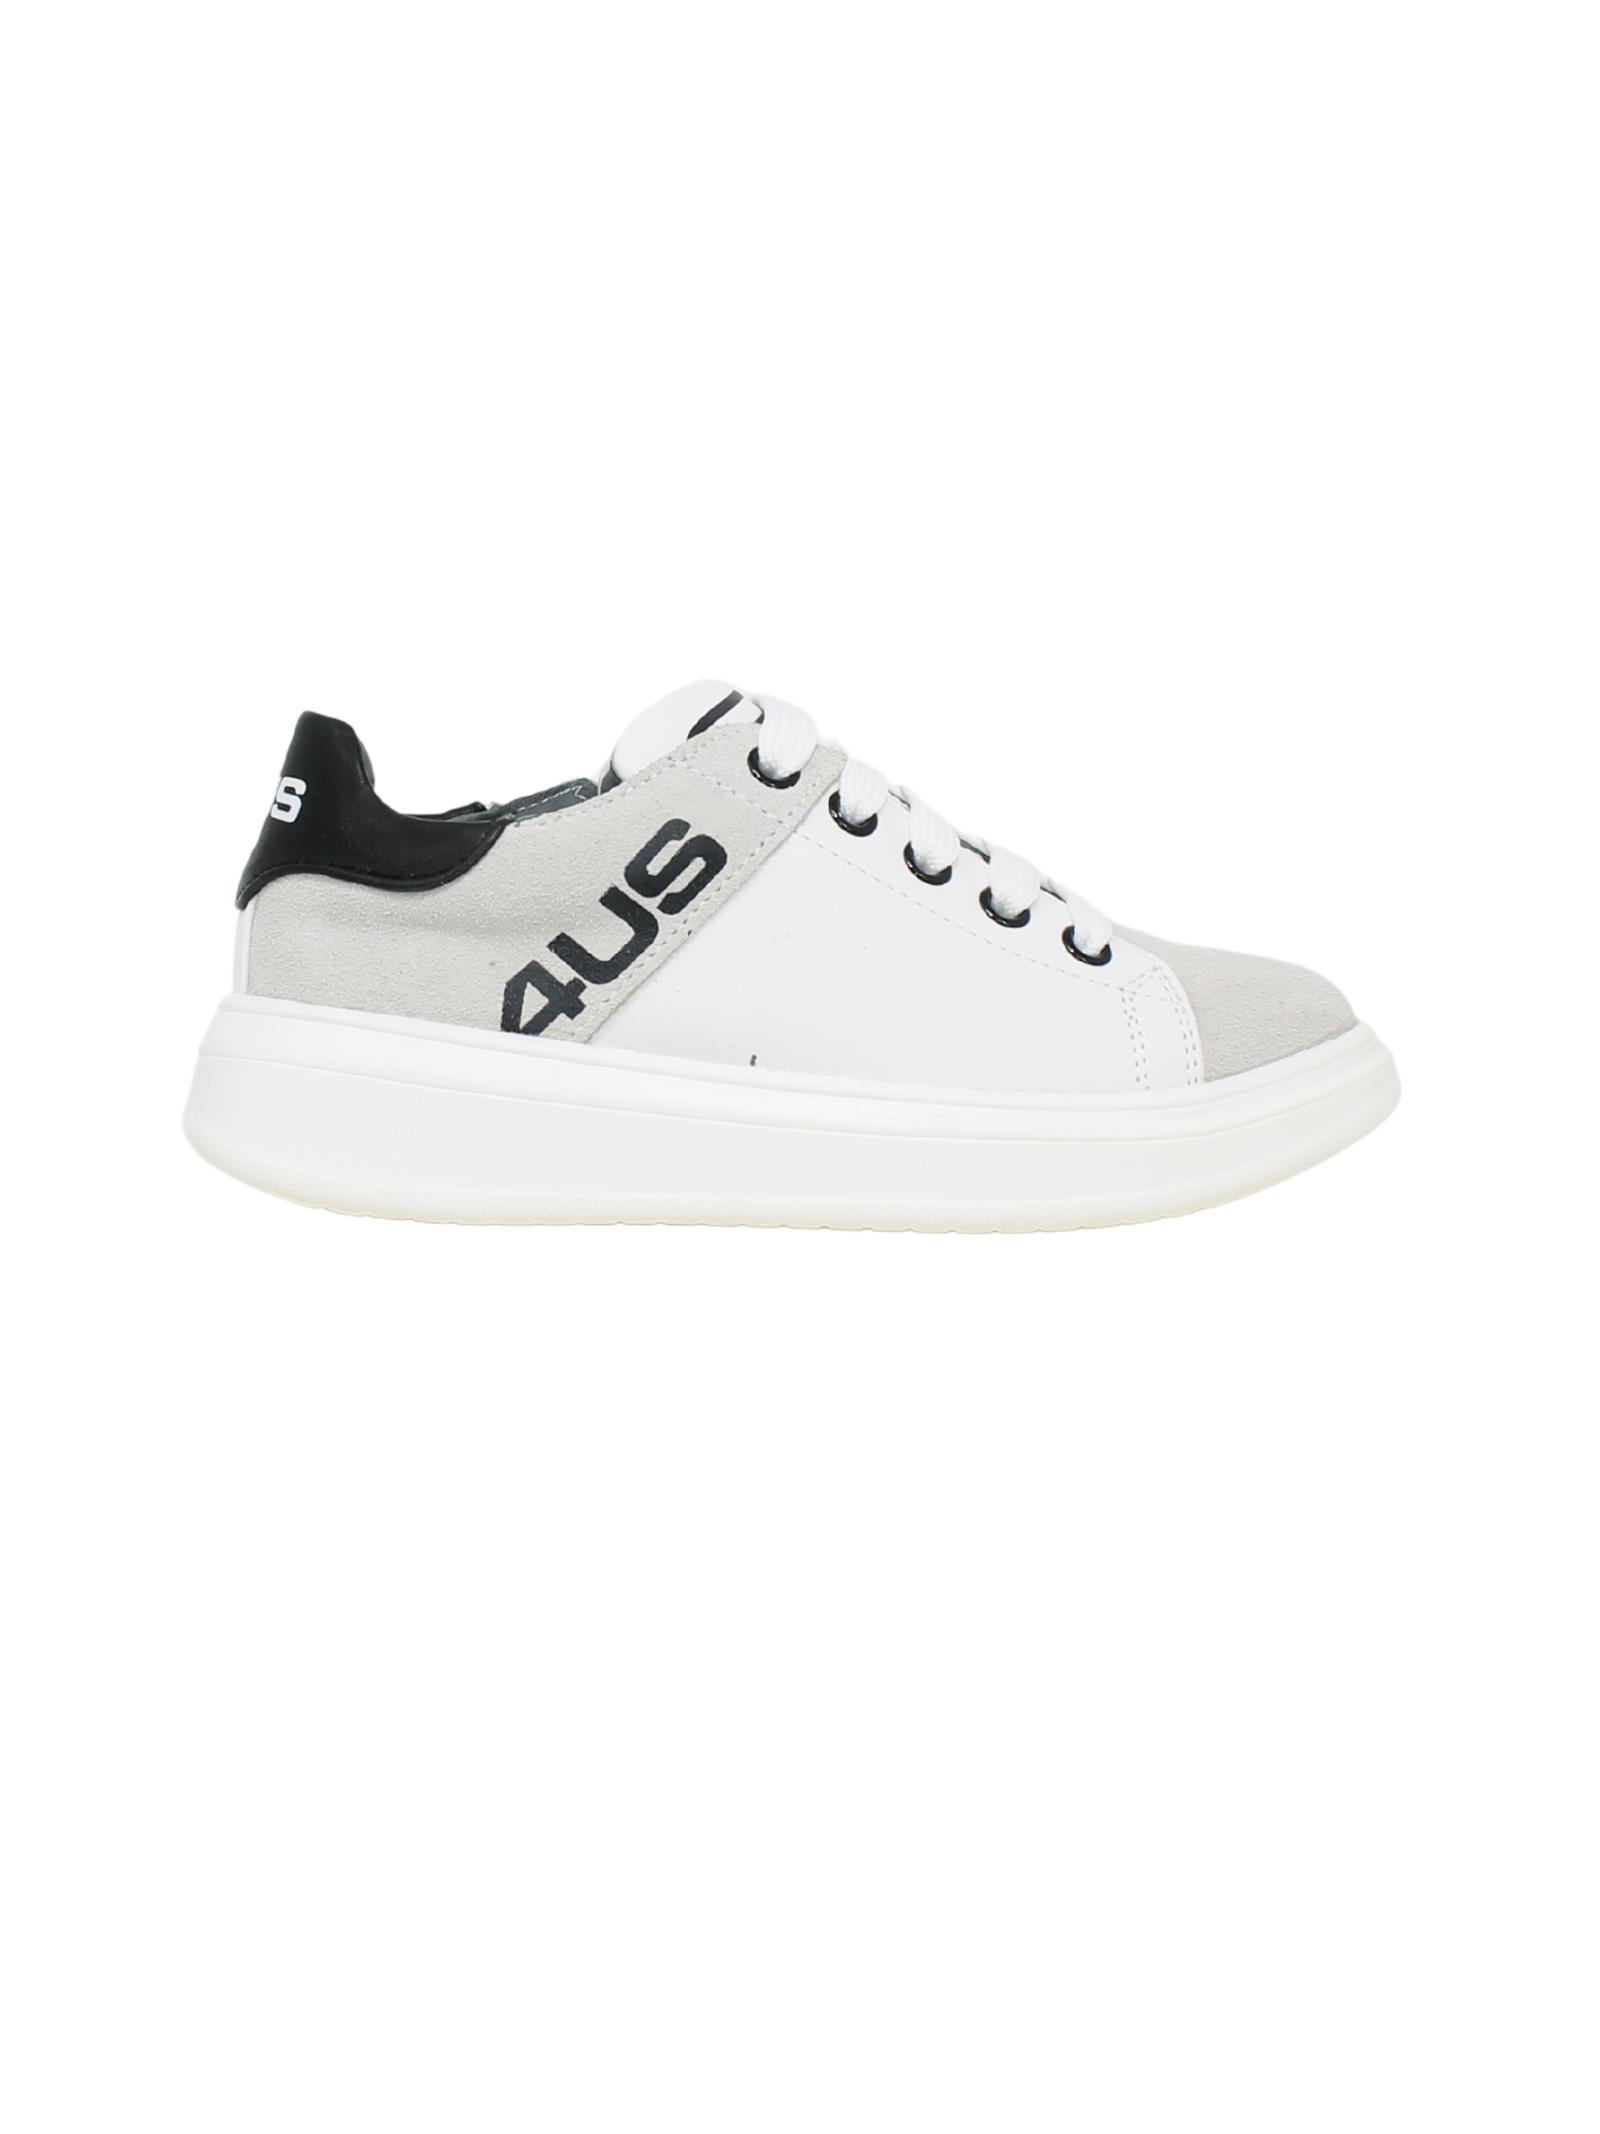 Black White Sneakers Child CESARE PACIOTTI | Sneakers | 4U003BIANCO